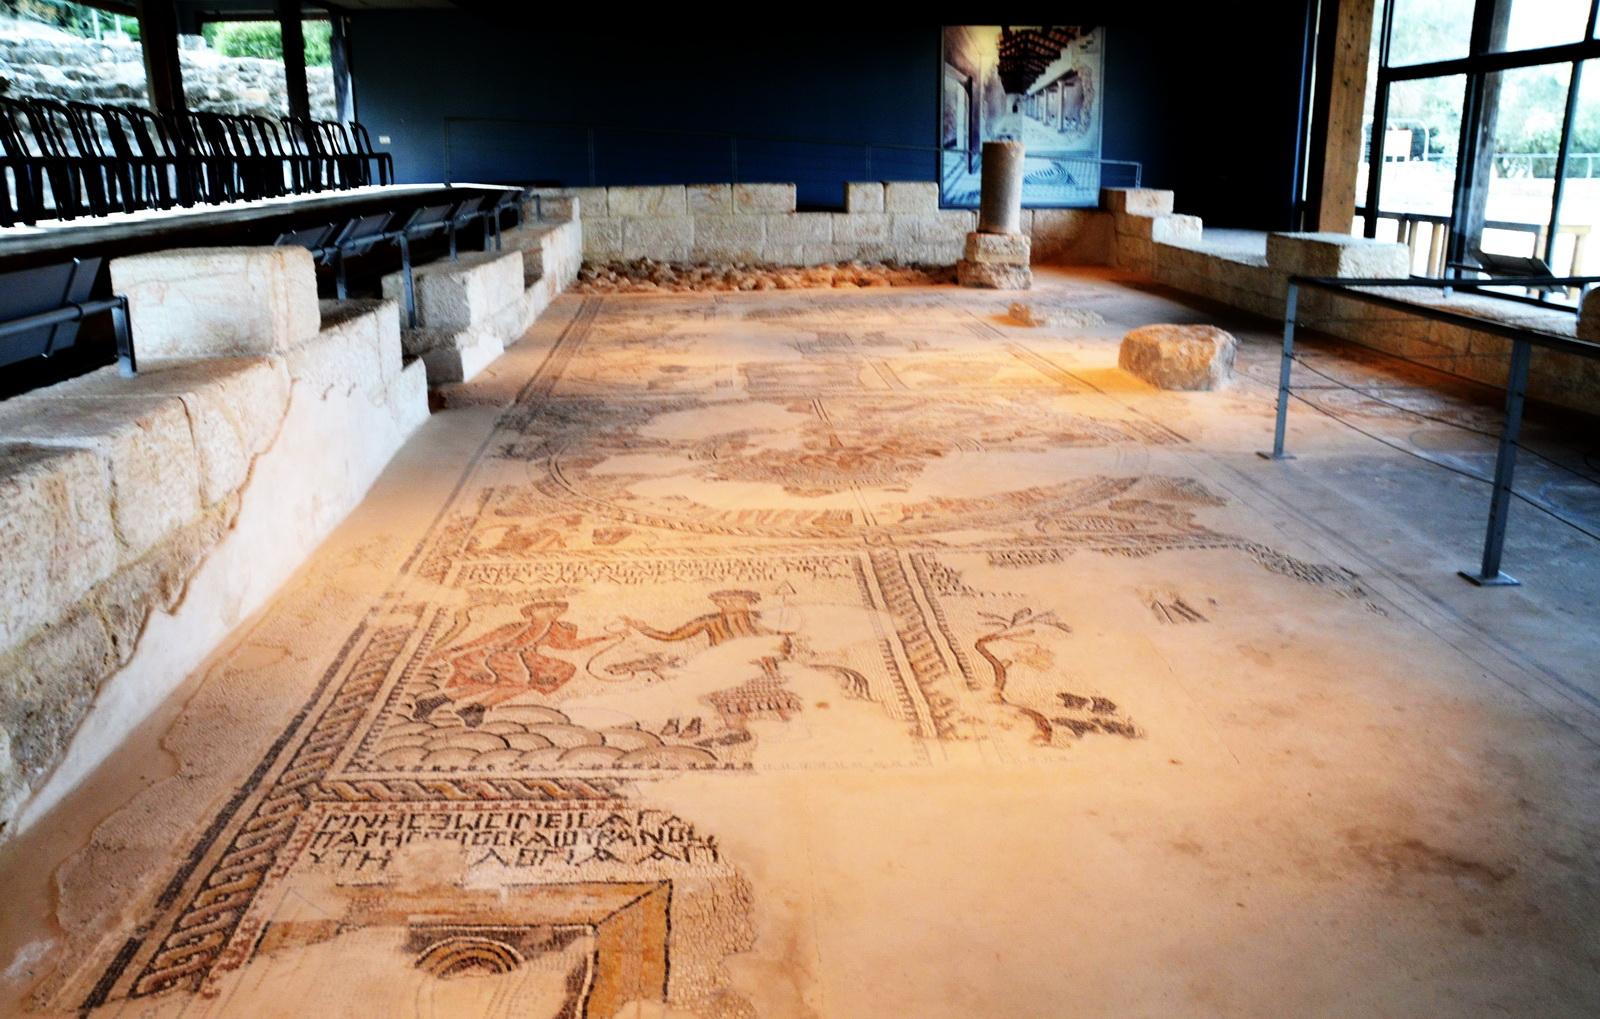 גליל תחתון - ציפורי - מבט כללי של שרידי פסיפס בית הכנסת